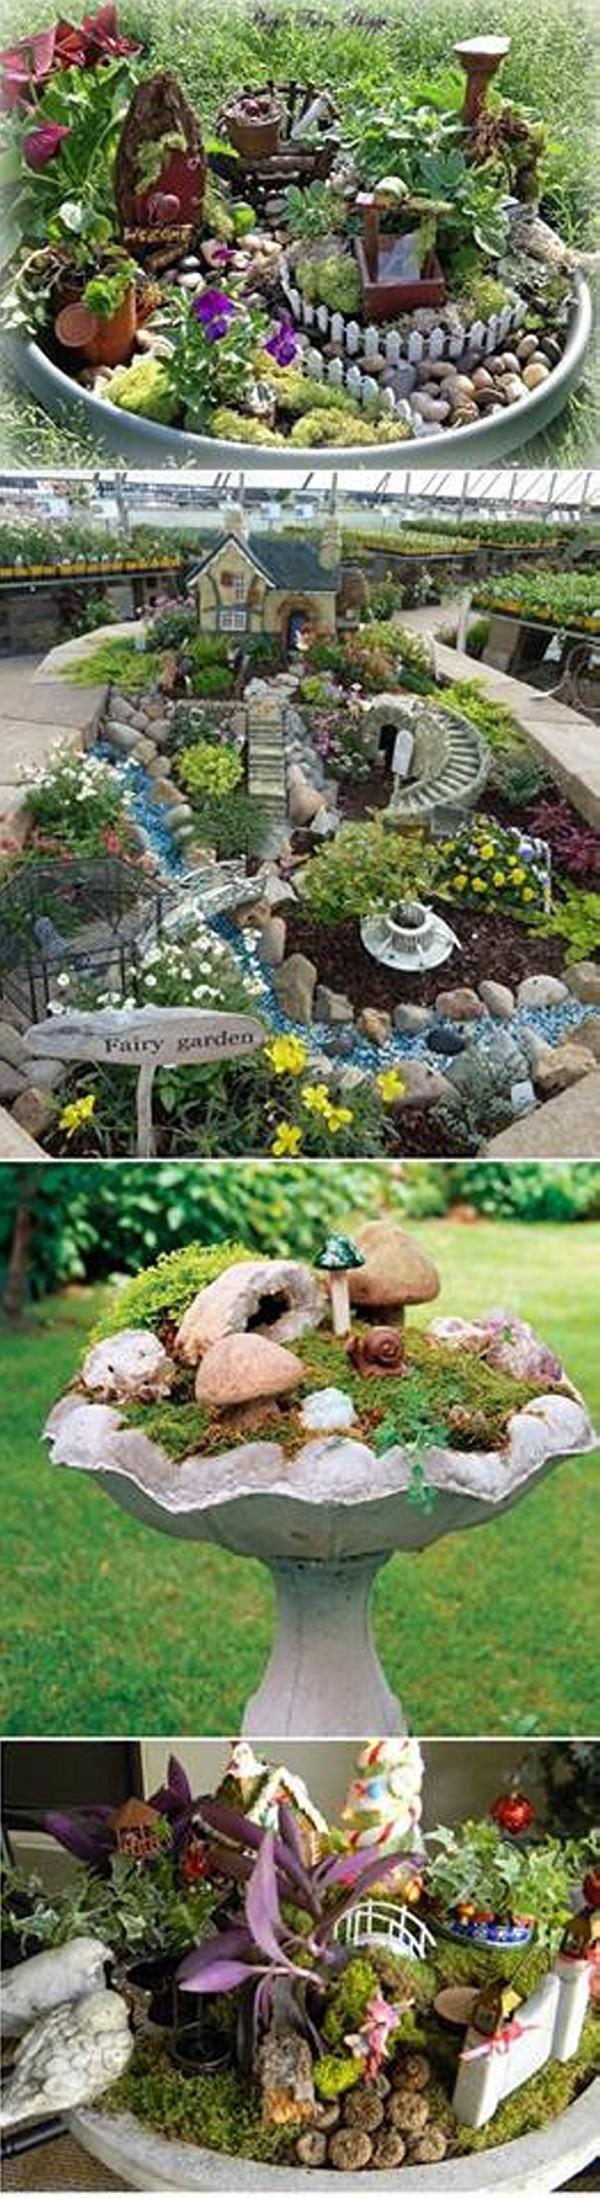 Mini Gardens in Garden